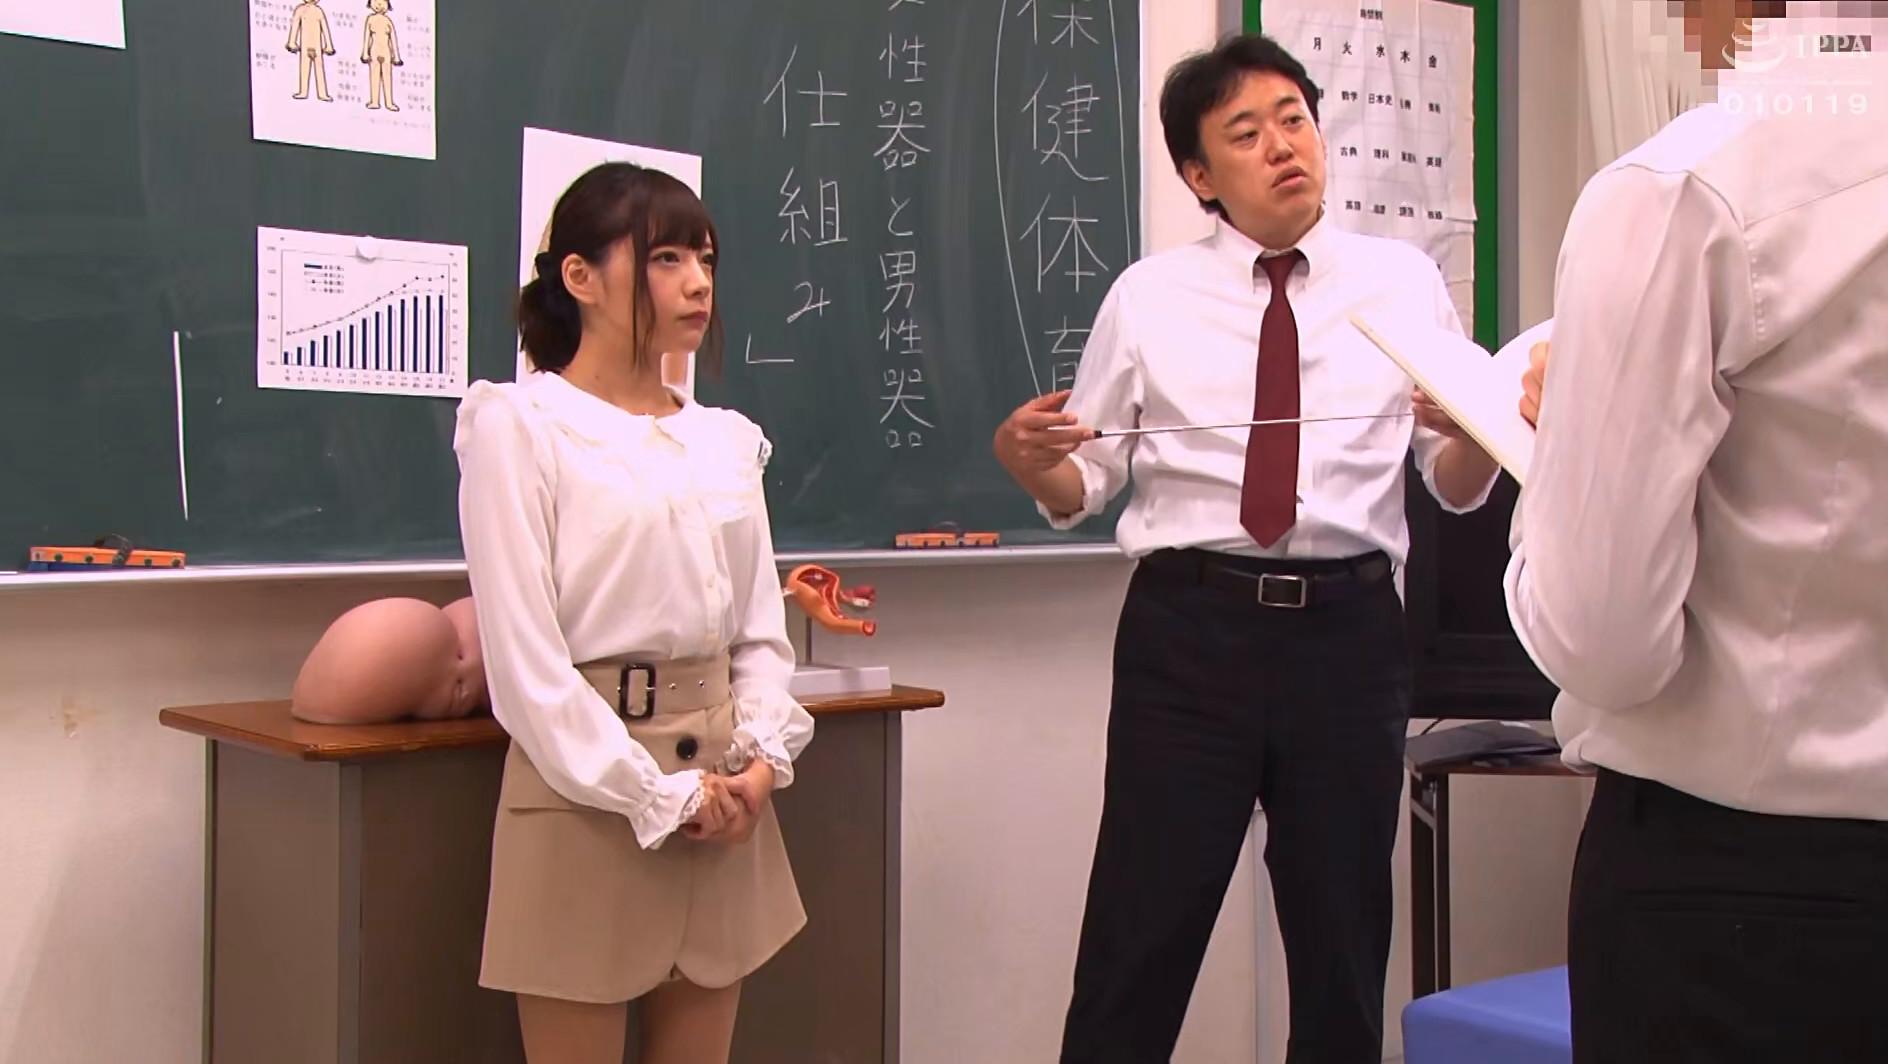 羞恥 新任女教師が学習教材にされる男子校の性教育 一条みお先生編